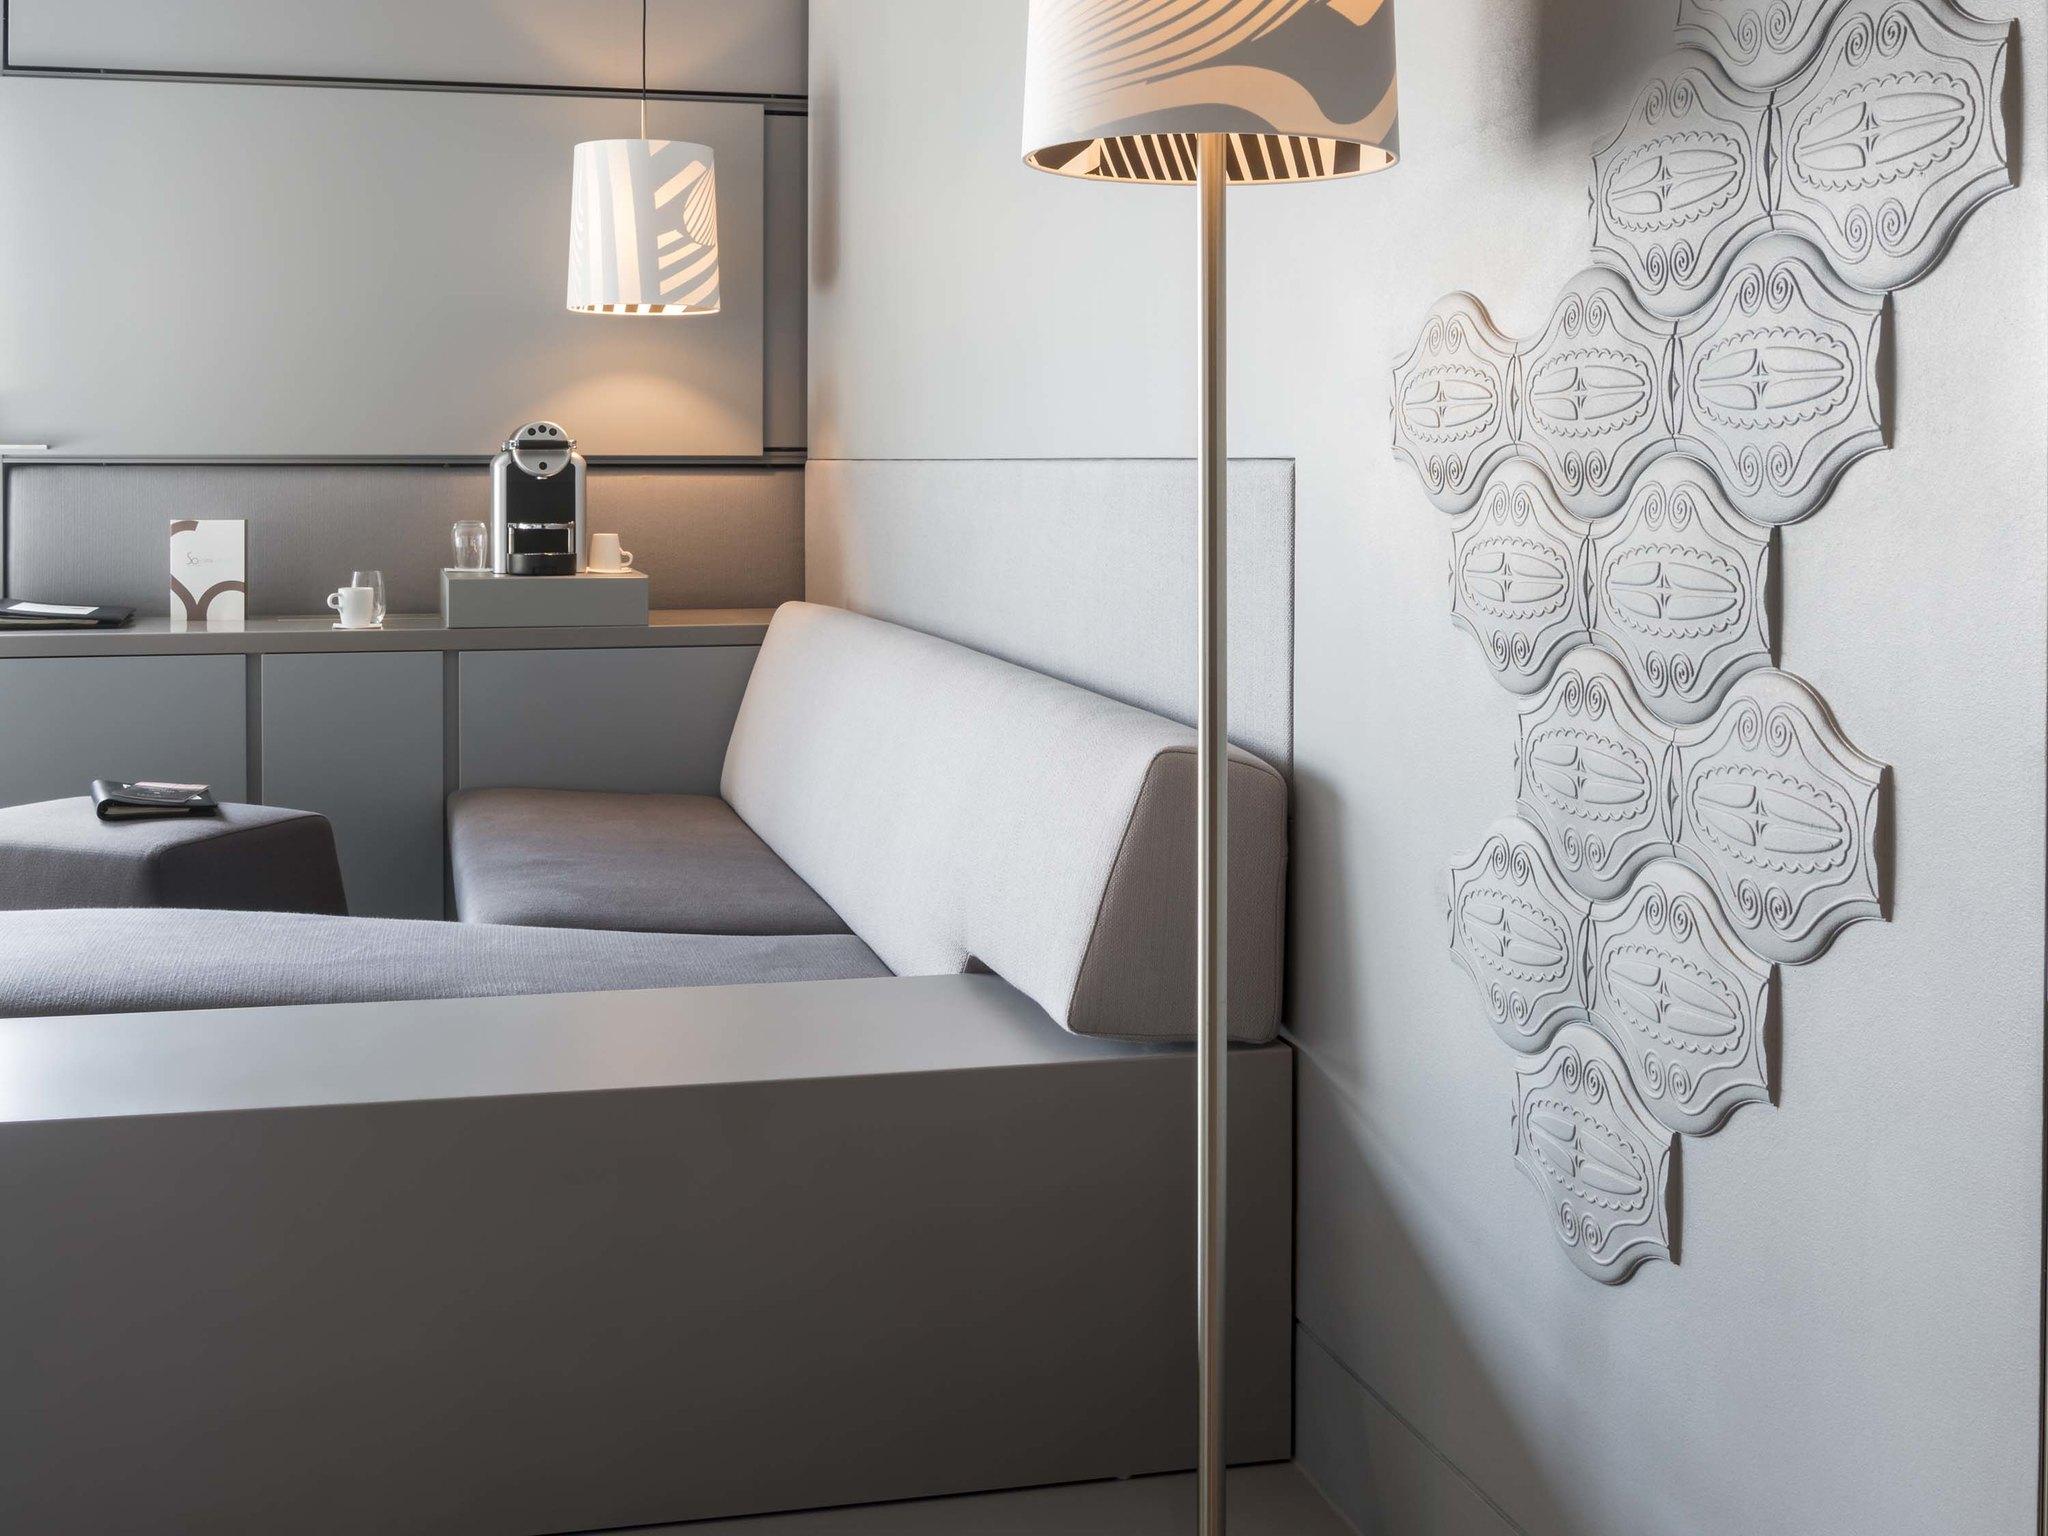 Sofitel Vienna Stephansdom - Un hotel de vibrante carácter en Viena ...